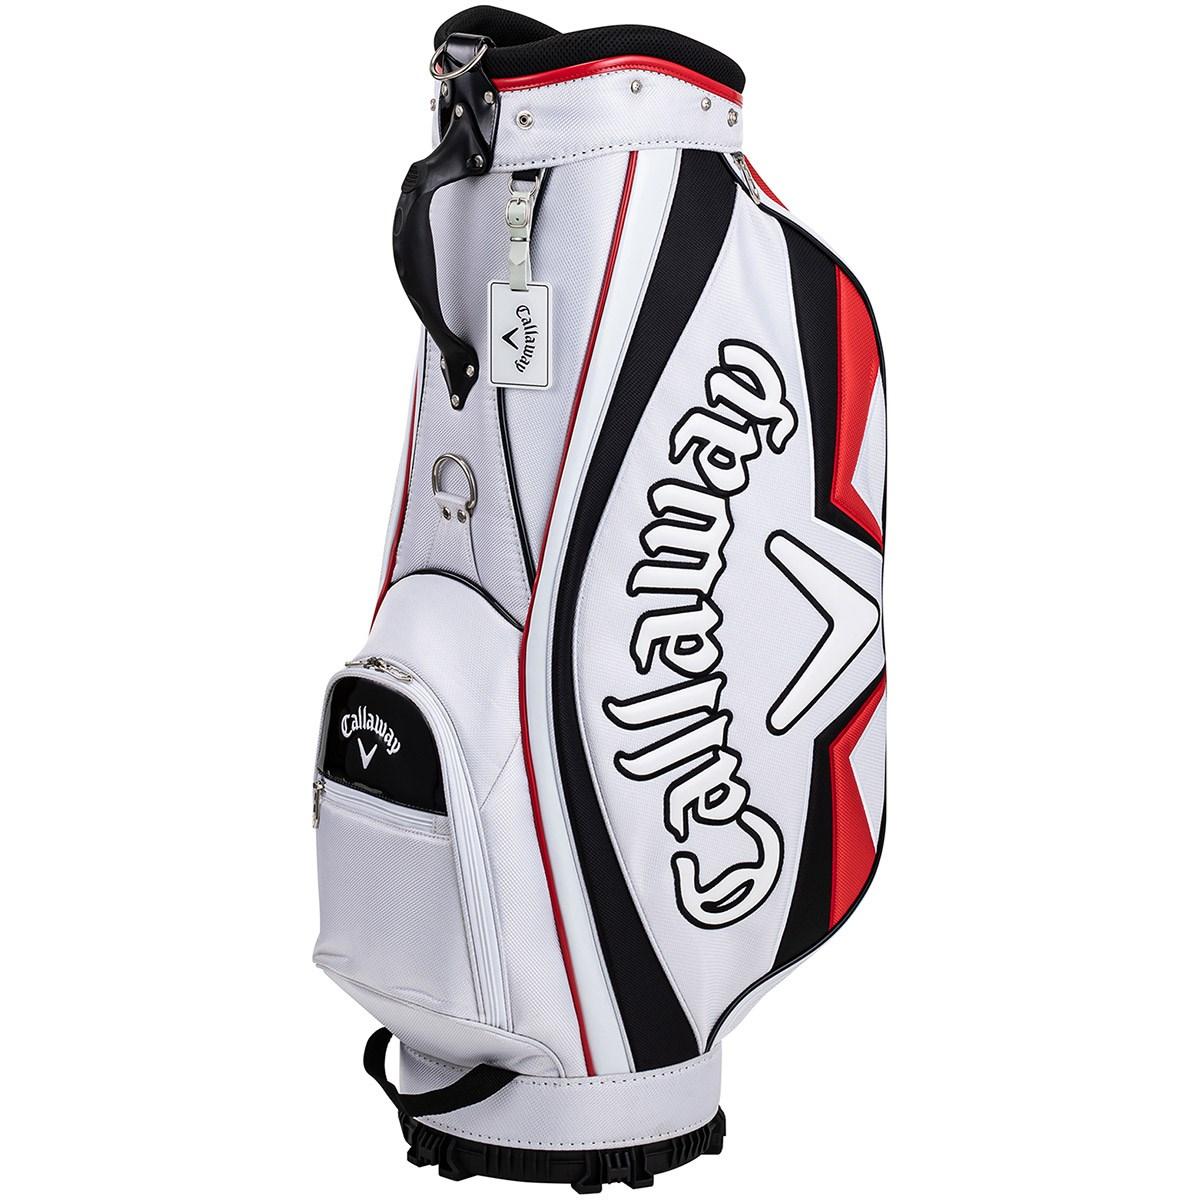 キャロウェイゴルフ Callaway Golf SPORT キャディバッグ ホワイト/ブラック/レッド